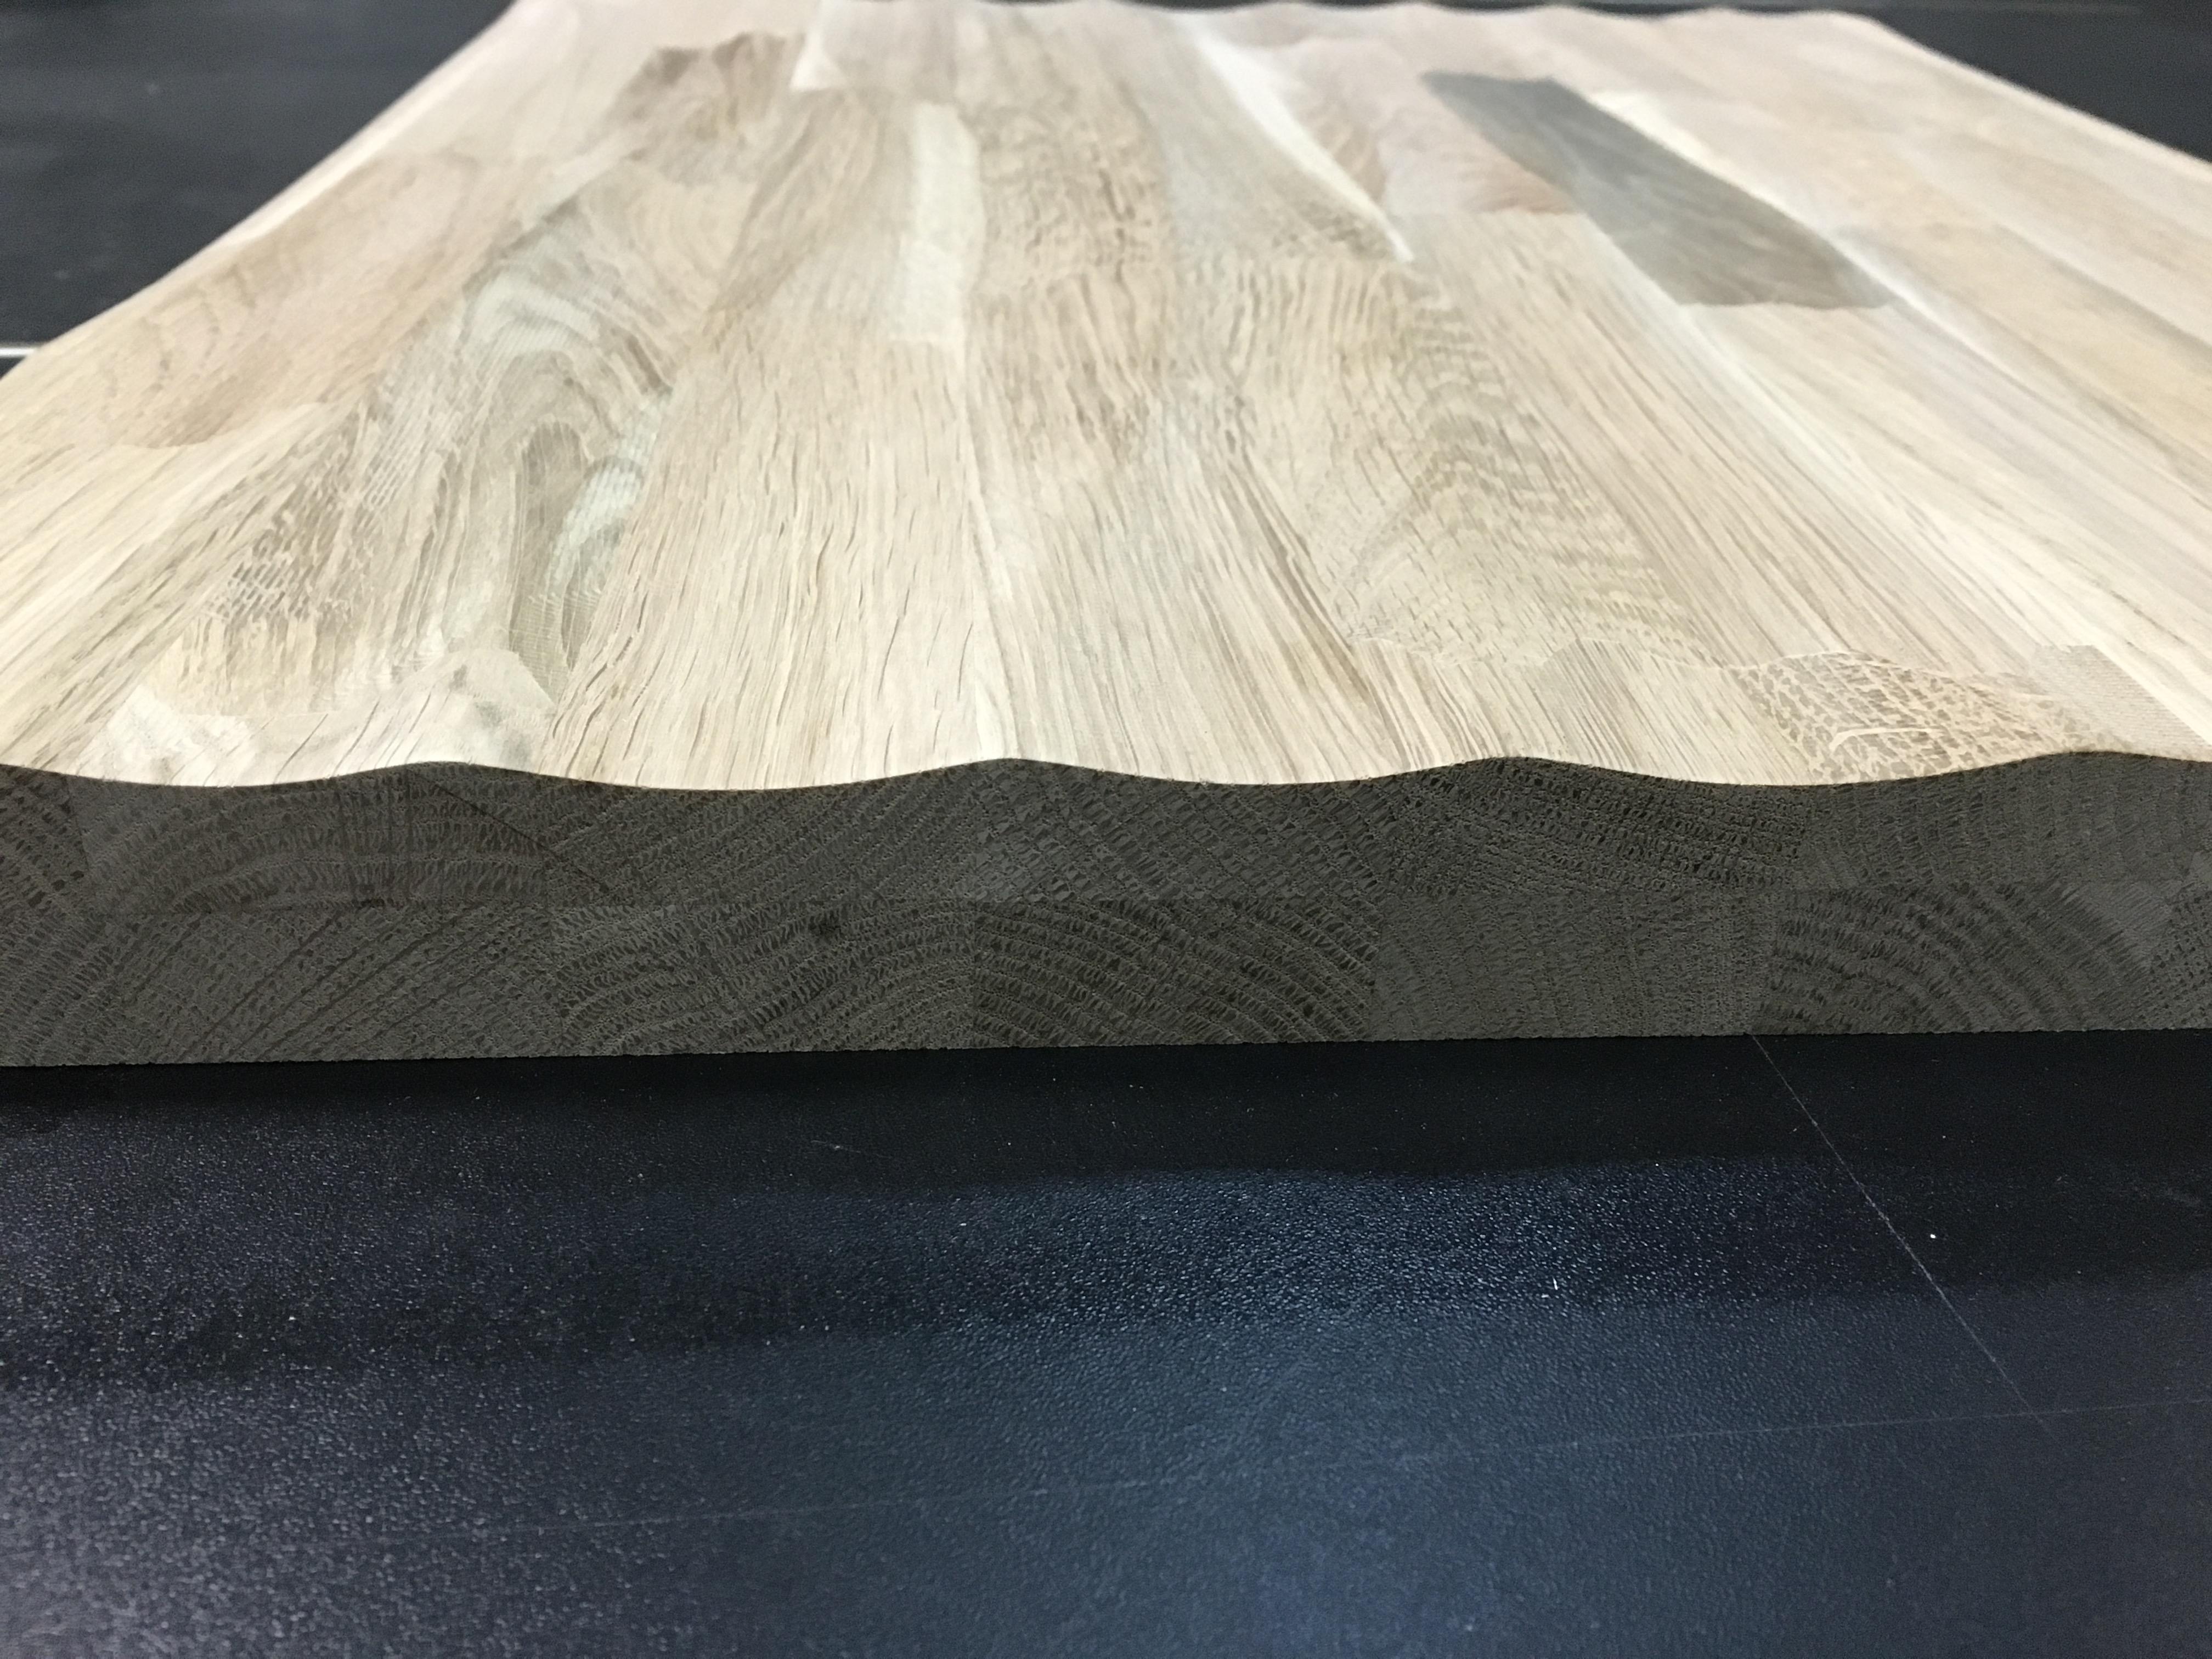 Frezowanie 3D drewna